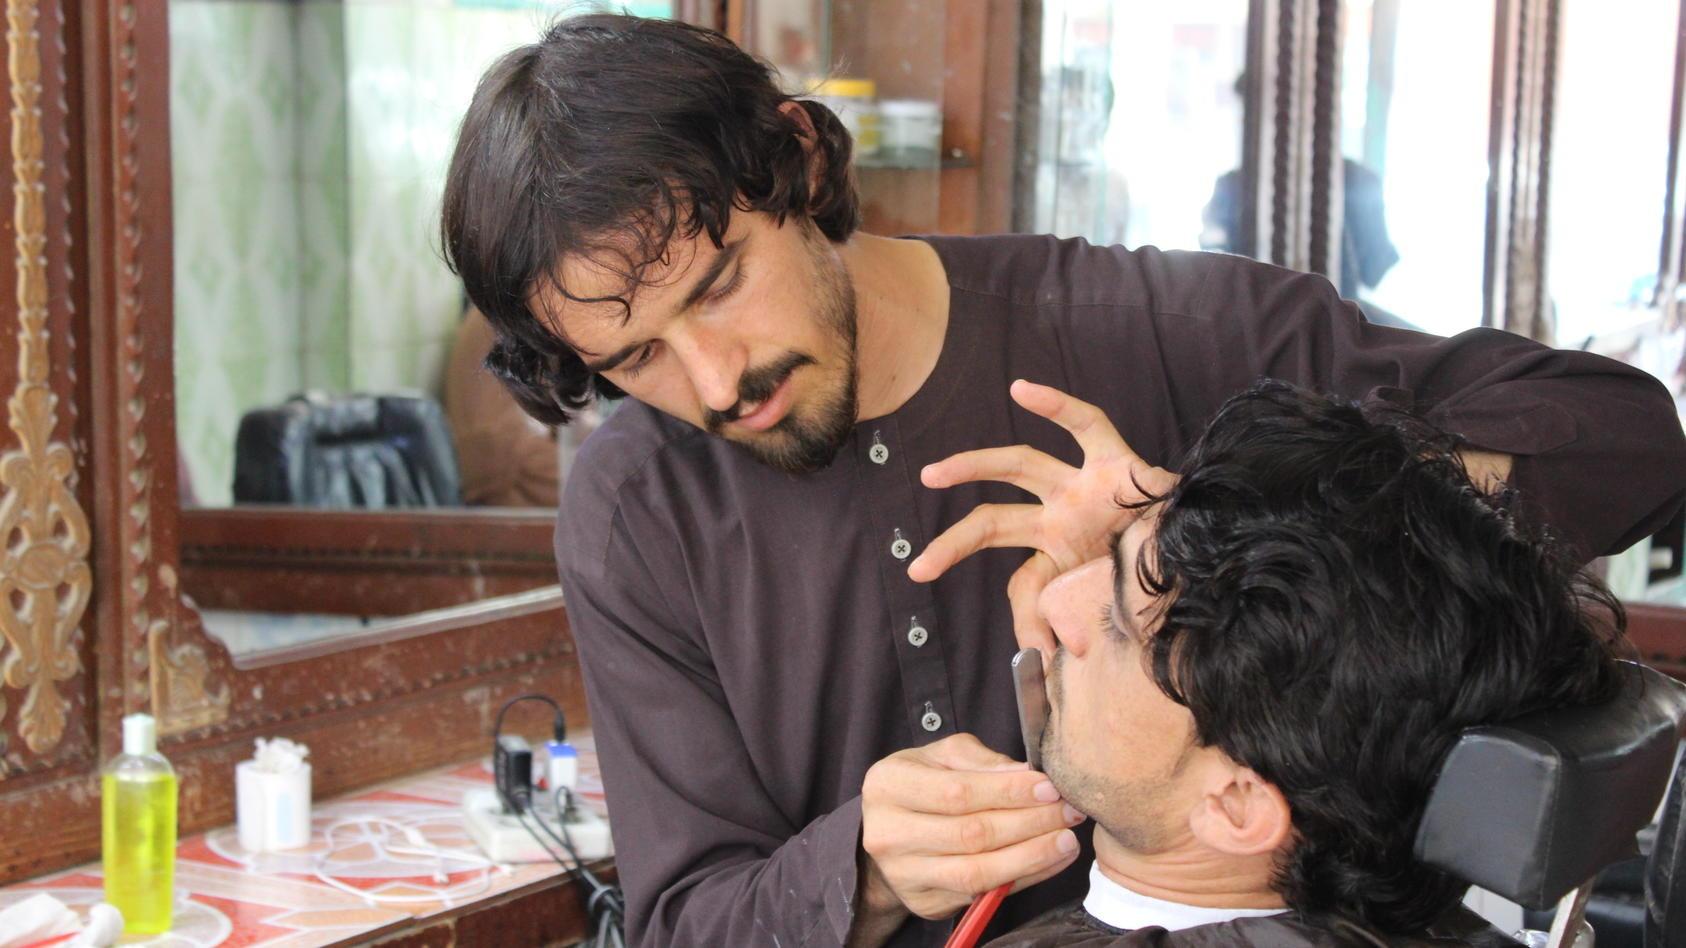 Ein afghanischer Friseur rasiert einem Kunden den Bart. Die Terror-Herrschaft der Taliban verbietet künftig einen individuellen Look.